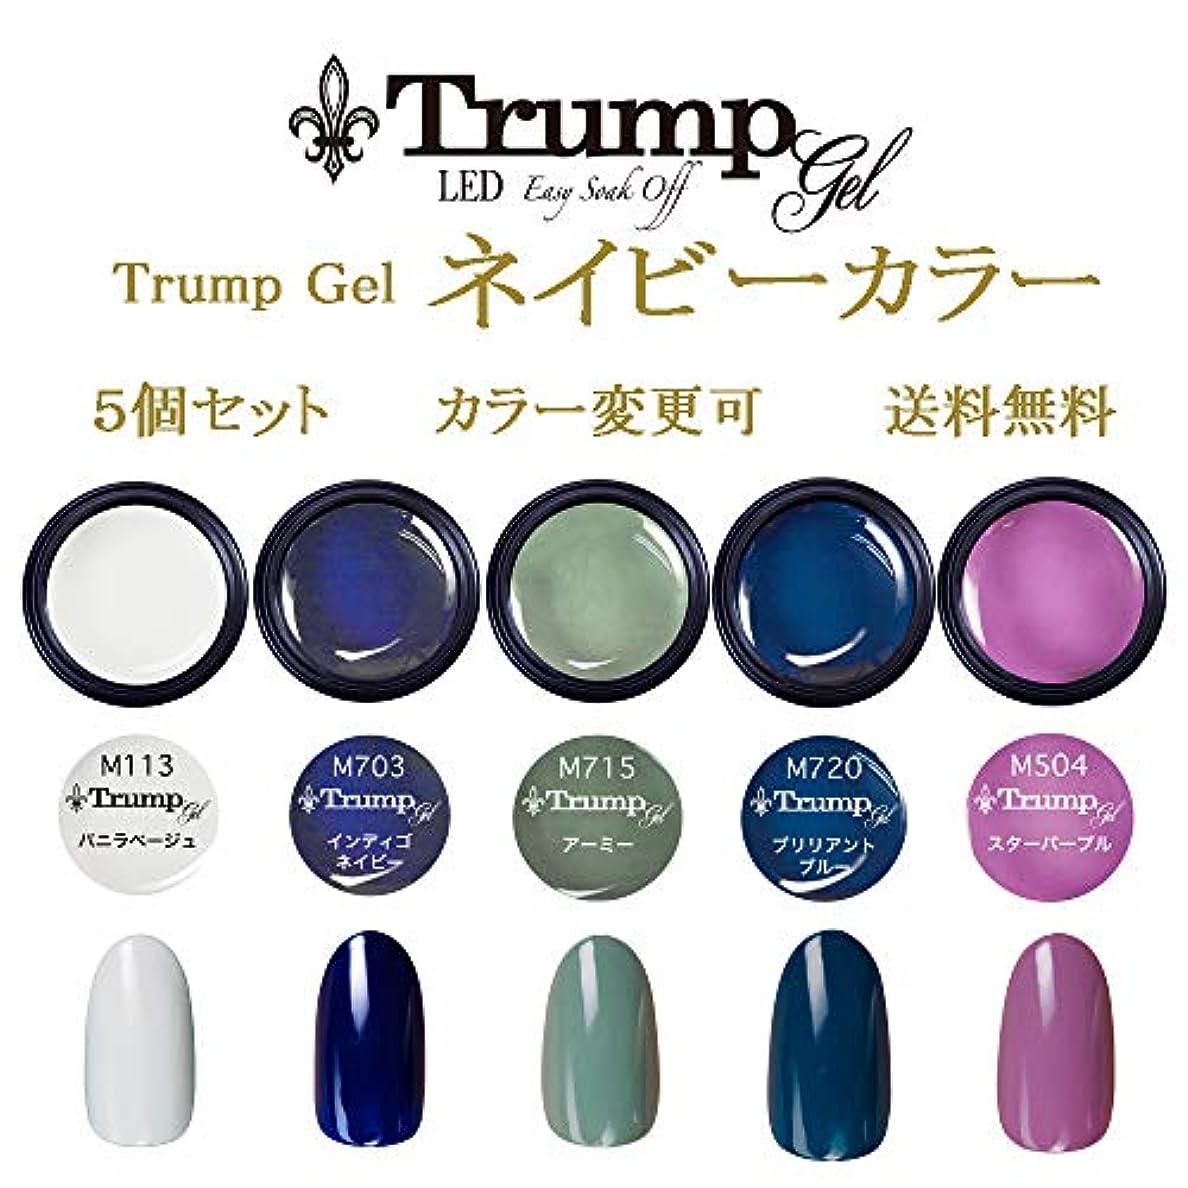 一回アパート時間日本製 Trump gel トランプジェル ネイビーカラー 選べる カラージェル 5個セット ホワイト ブルー ネイビー パープル カーキ グリーン